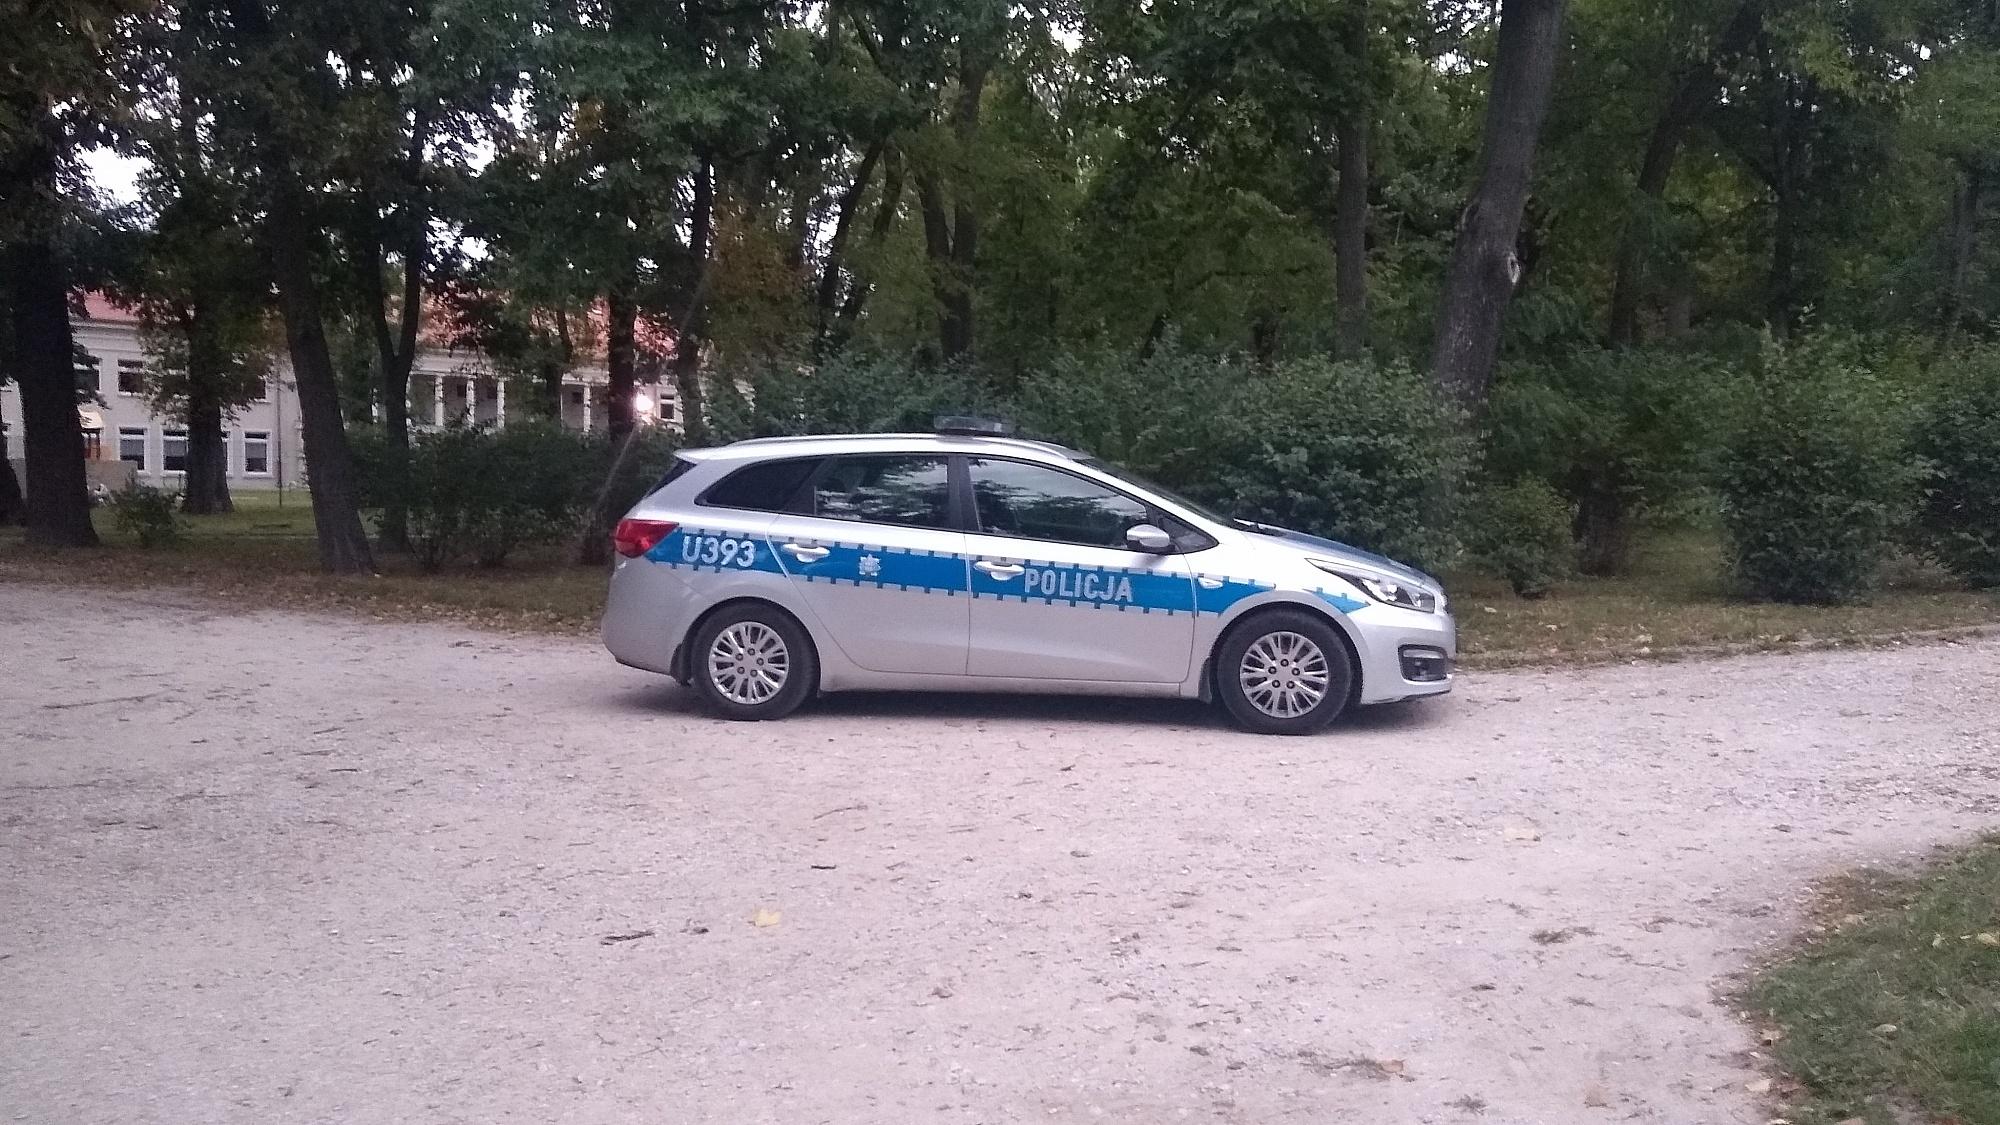 61-latek onanizował się w Parku Miejskim! Zatrzymali go świadkowie i przekazali Policji